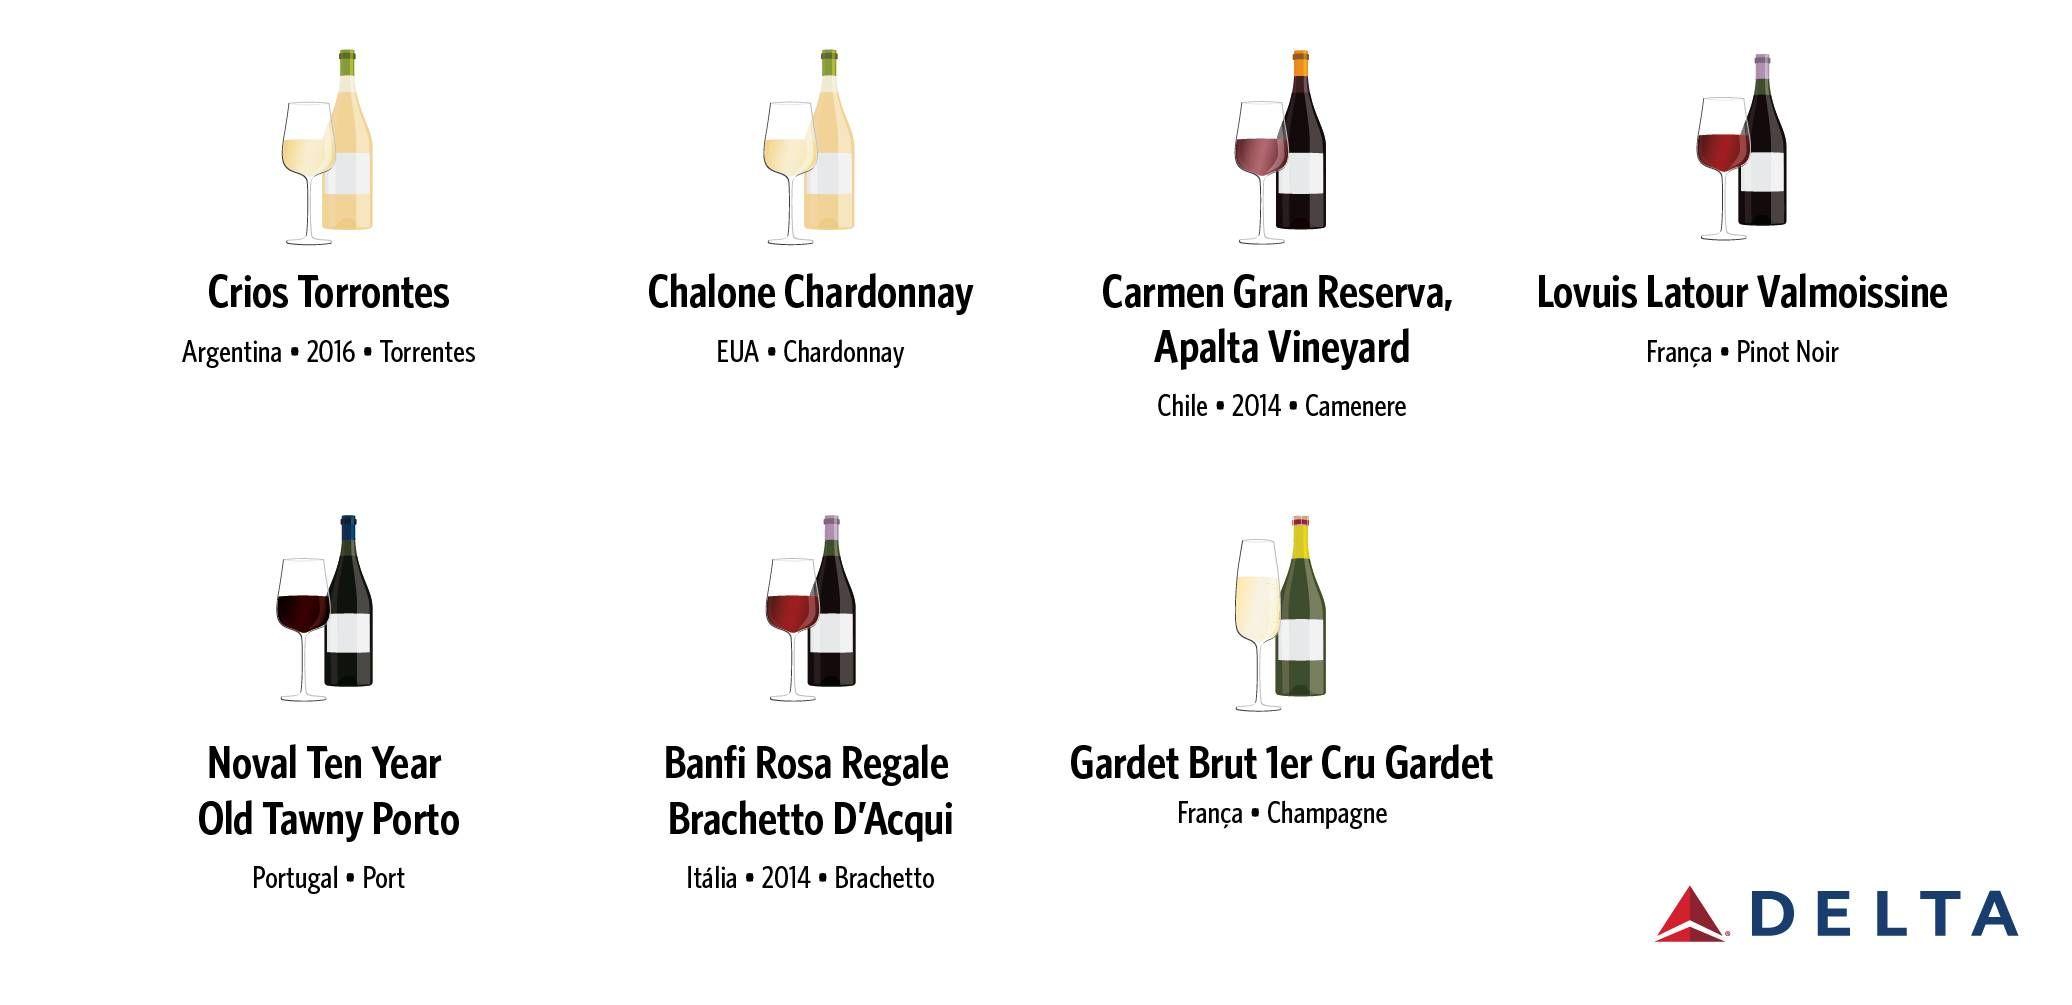 Nova seleção sazonal de vinhos premium da Delta destaca vinícolas argentinas e chilenas